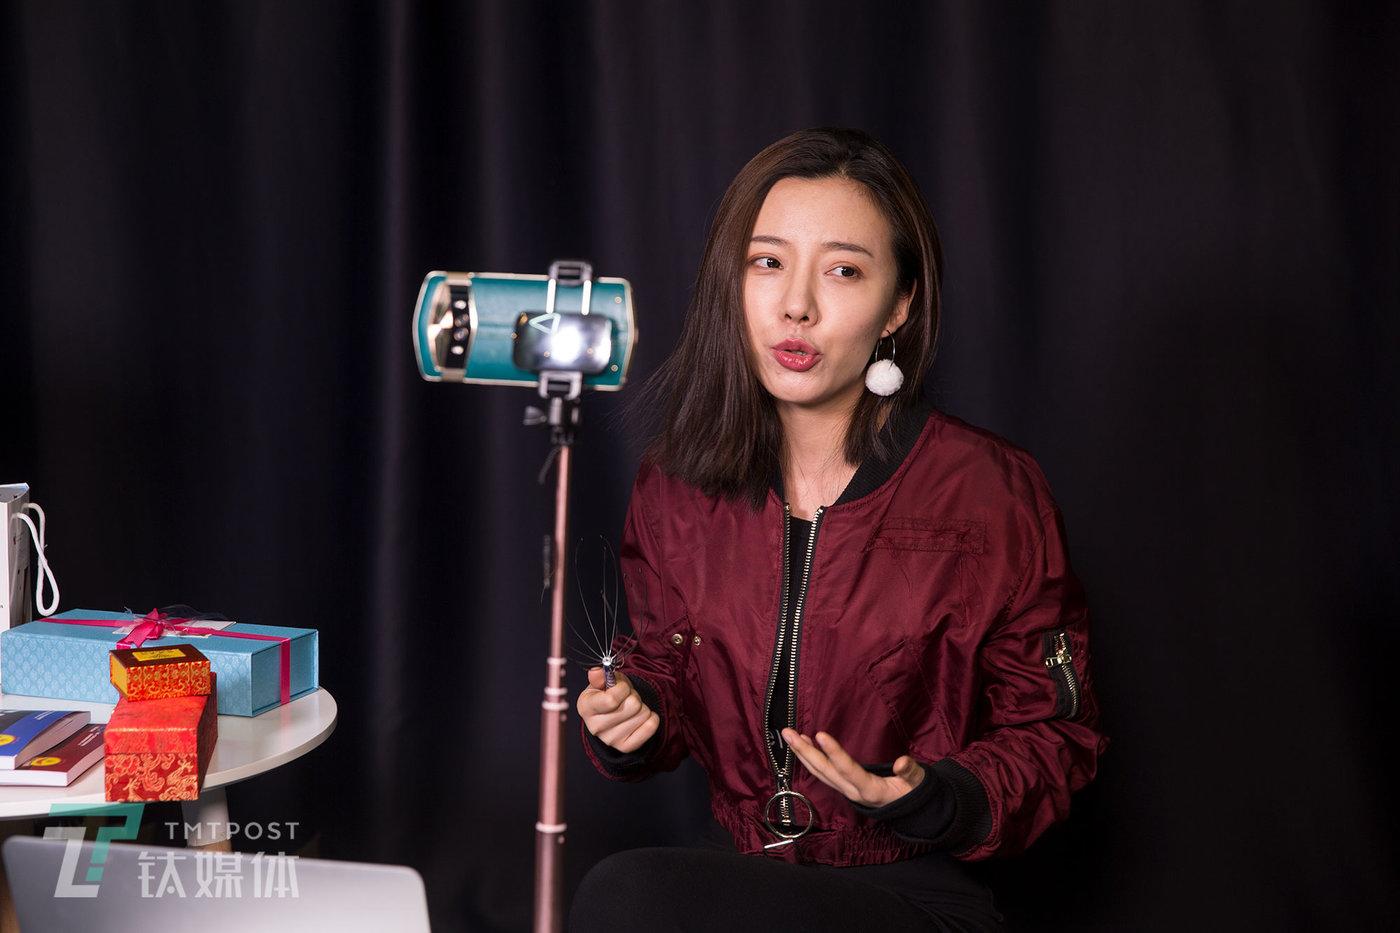 【美妆博主】1月30日,北京望京,一名美妆博主在拍摄短视频。